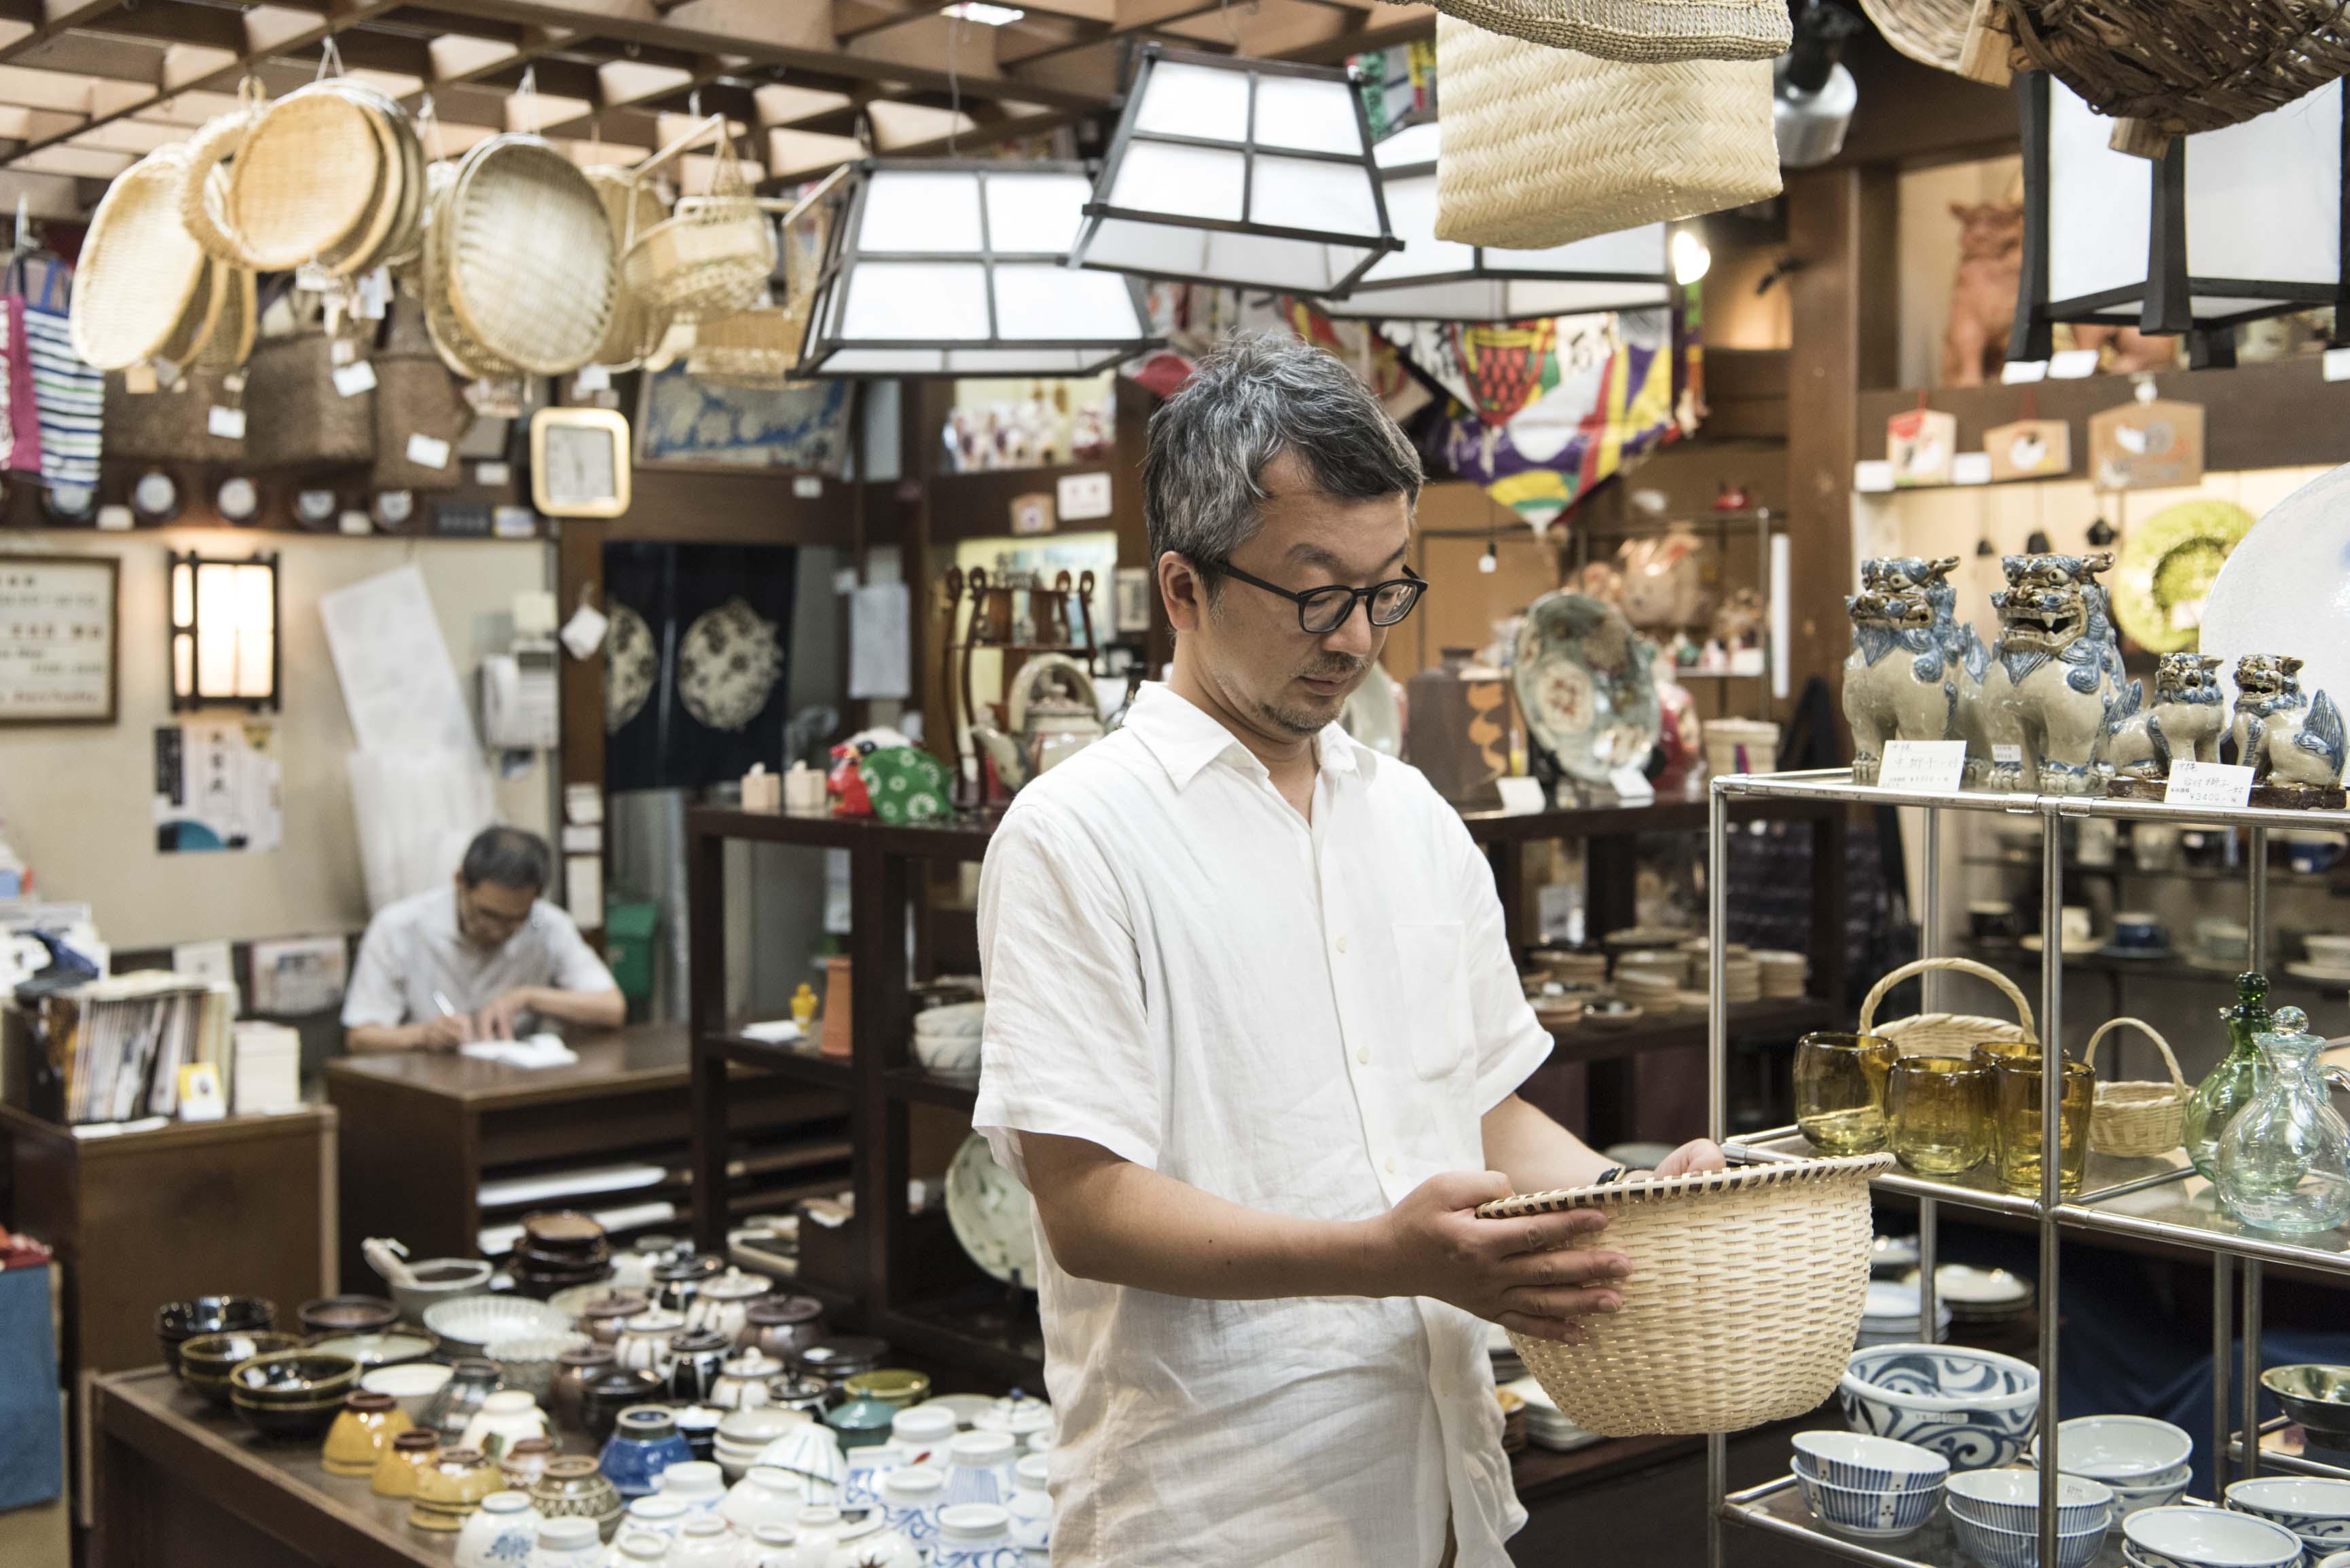 連載:大熊健郎がめぐる、芸術に高まった日本の職人仕事「民藝」 第3回/銀座たくみで知る、民藝の愉しみ